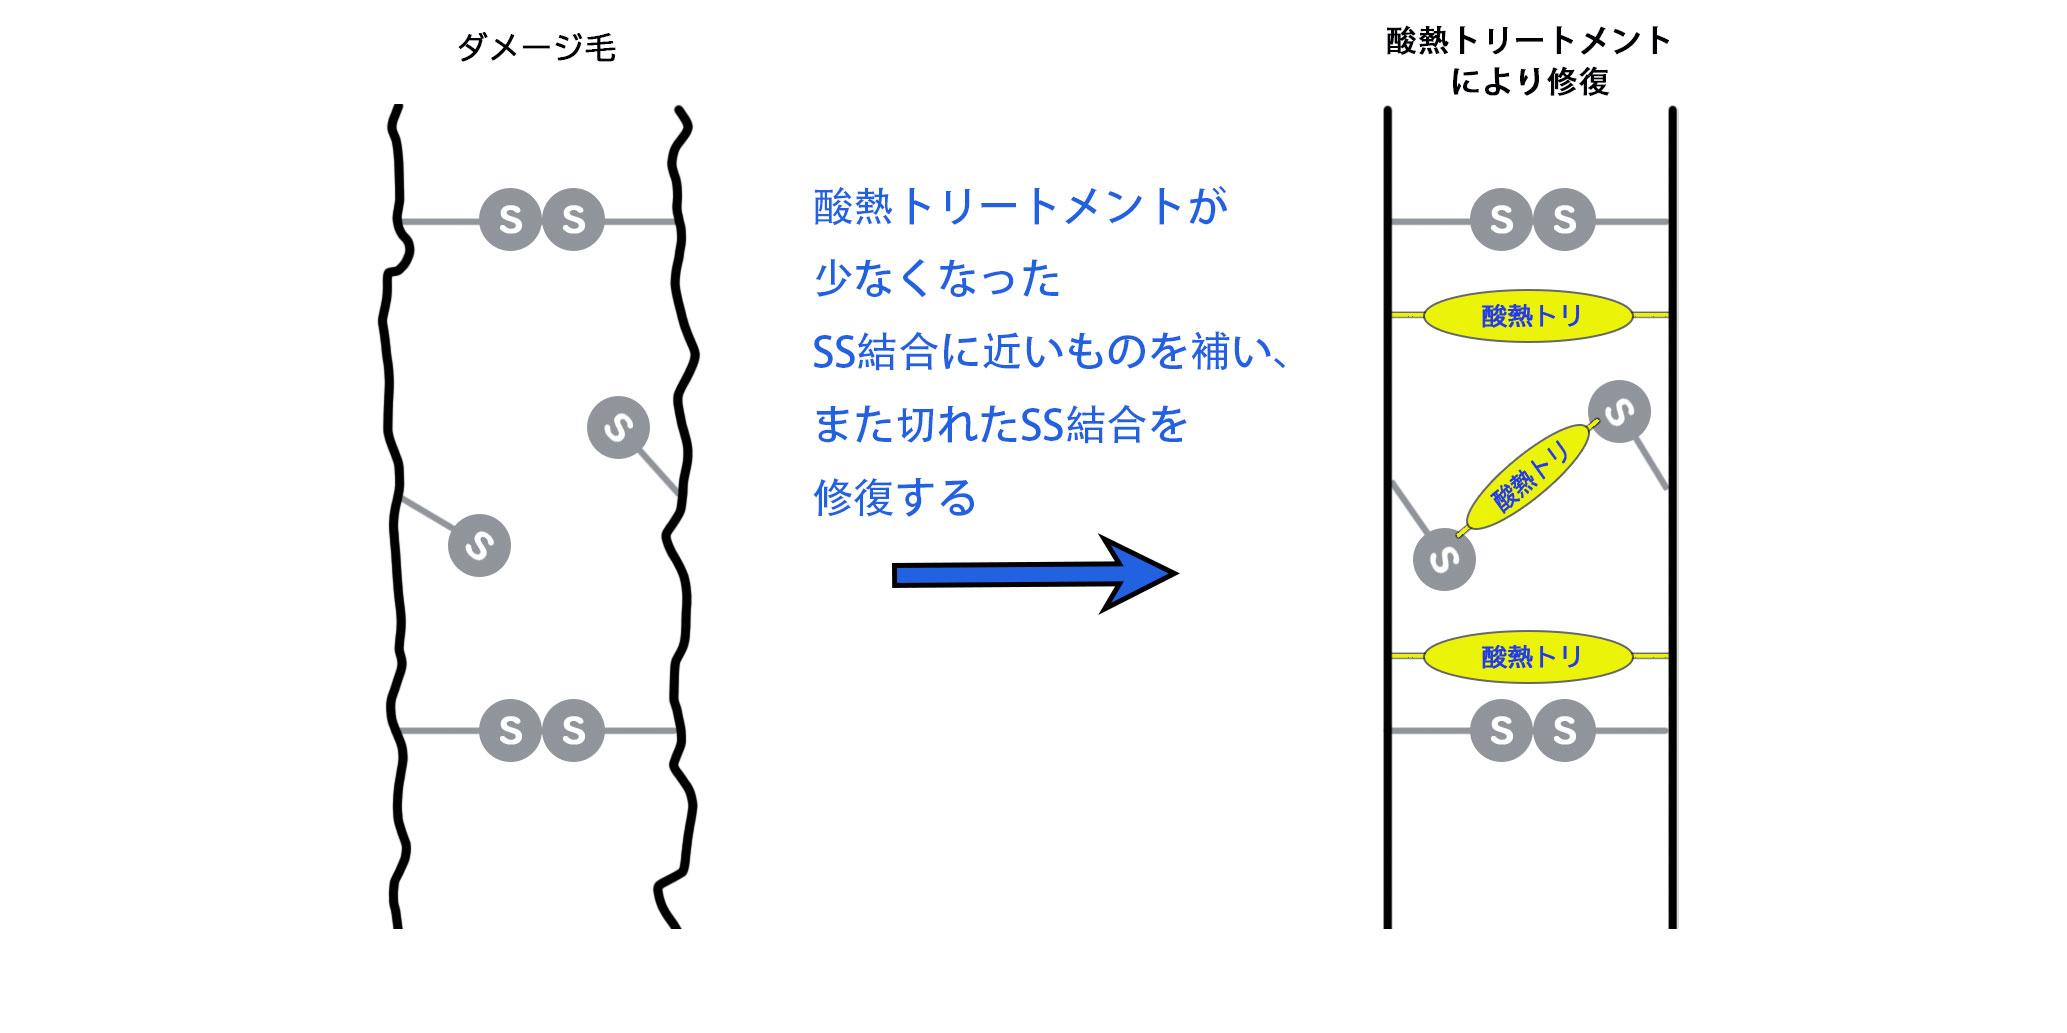 酸熱トリートメントのダメージ補修の仕組み図